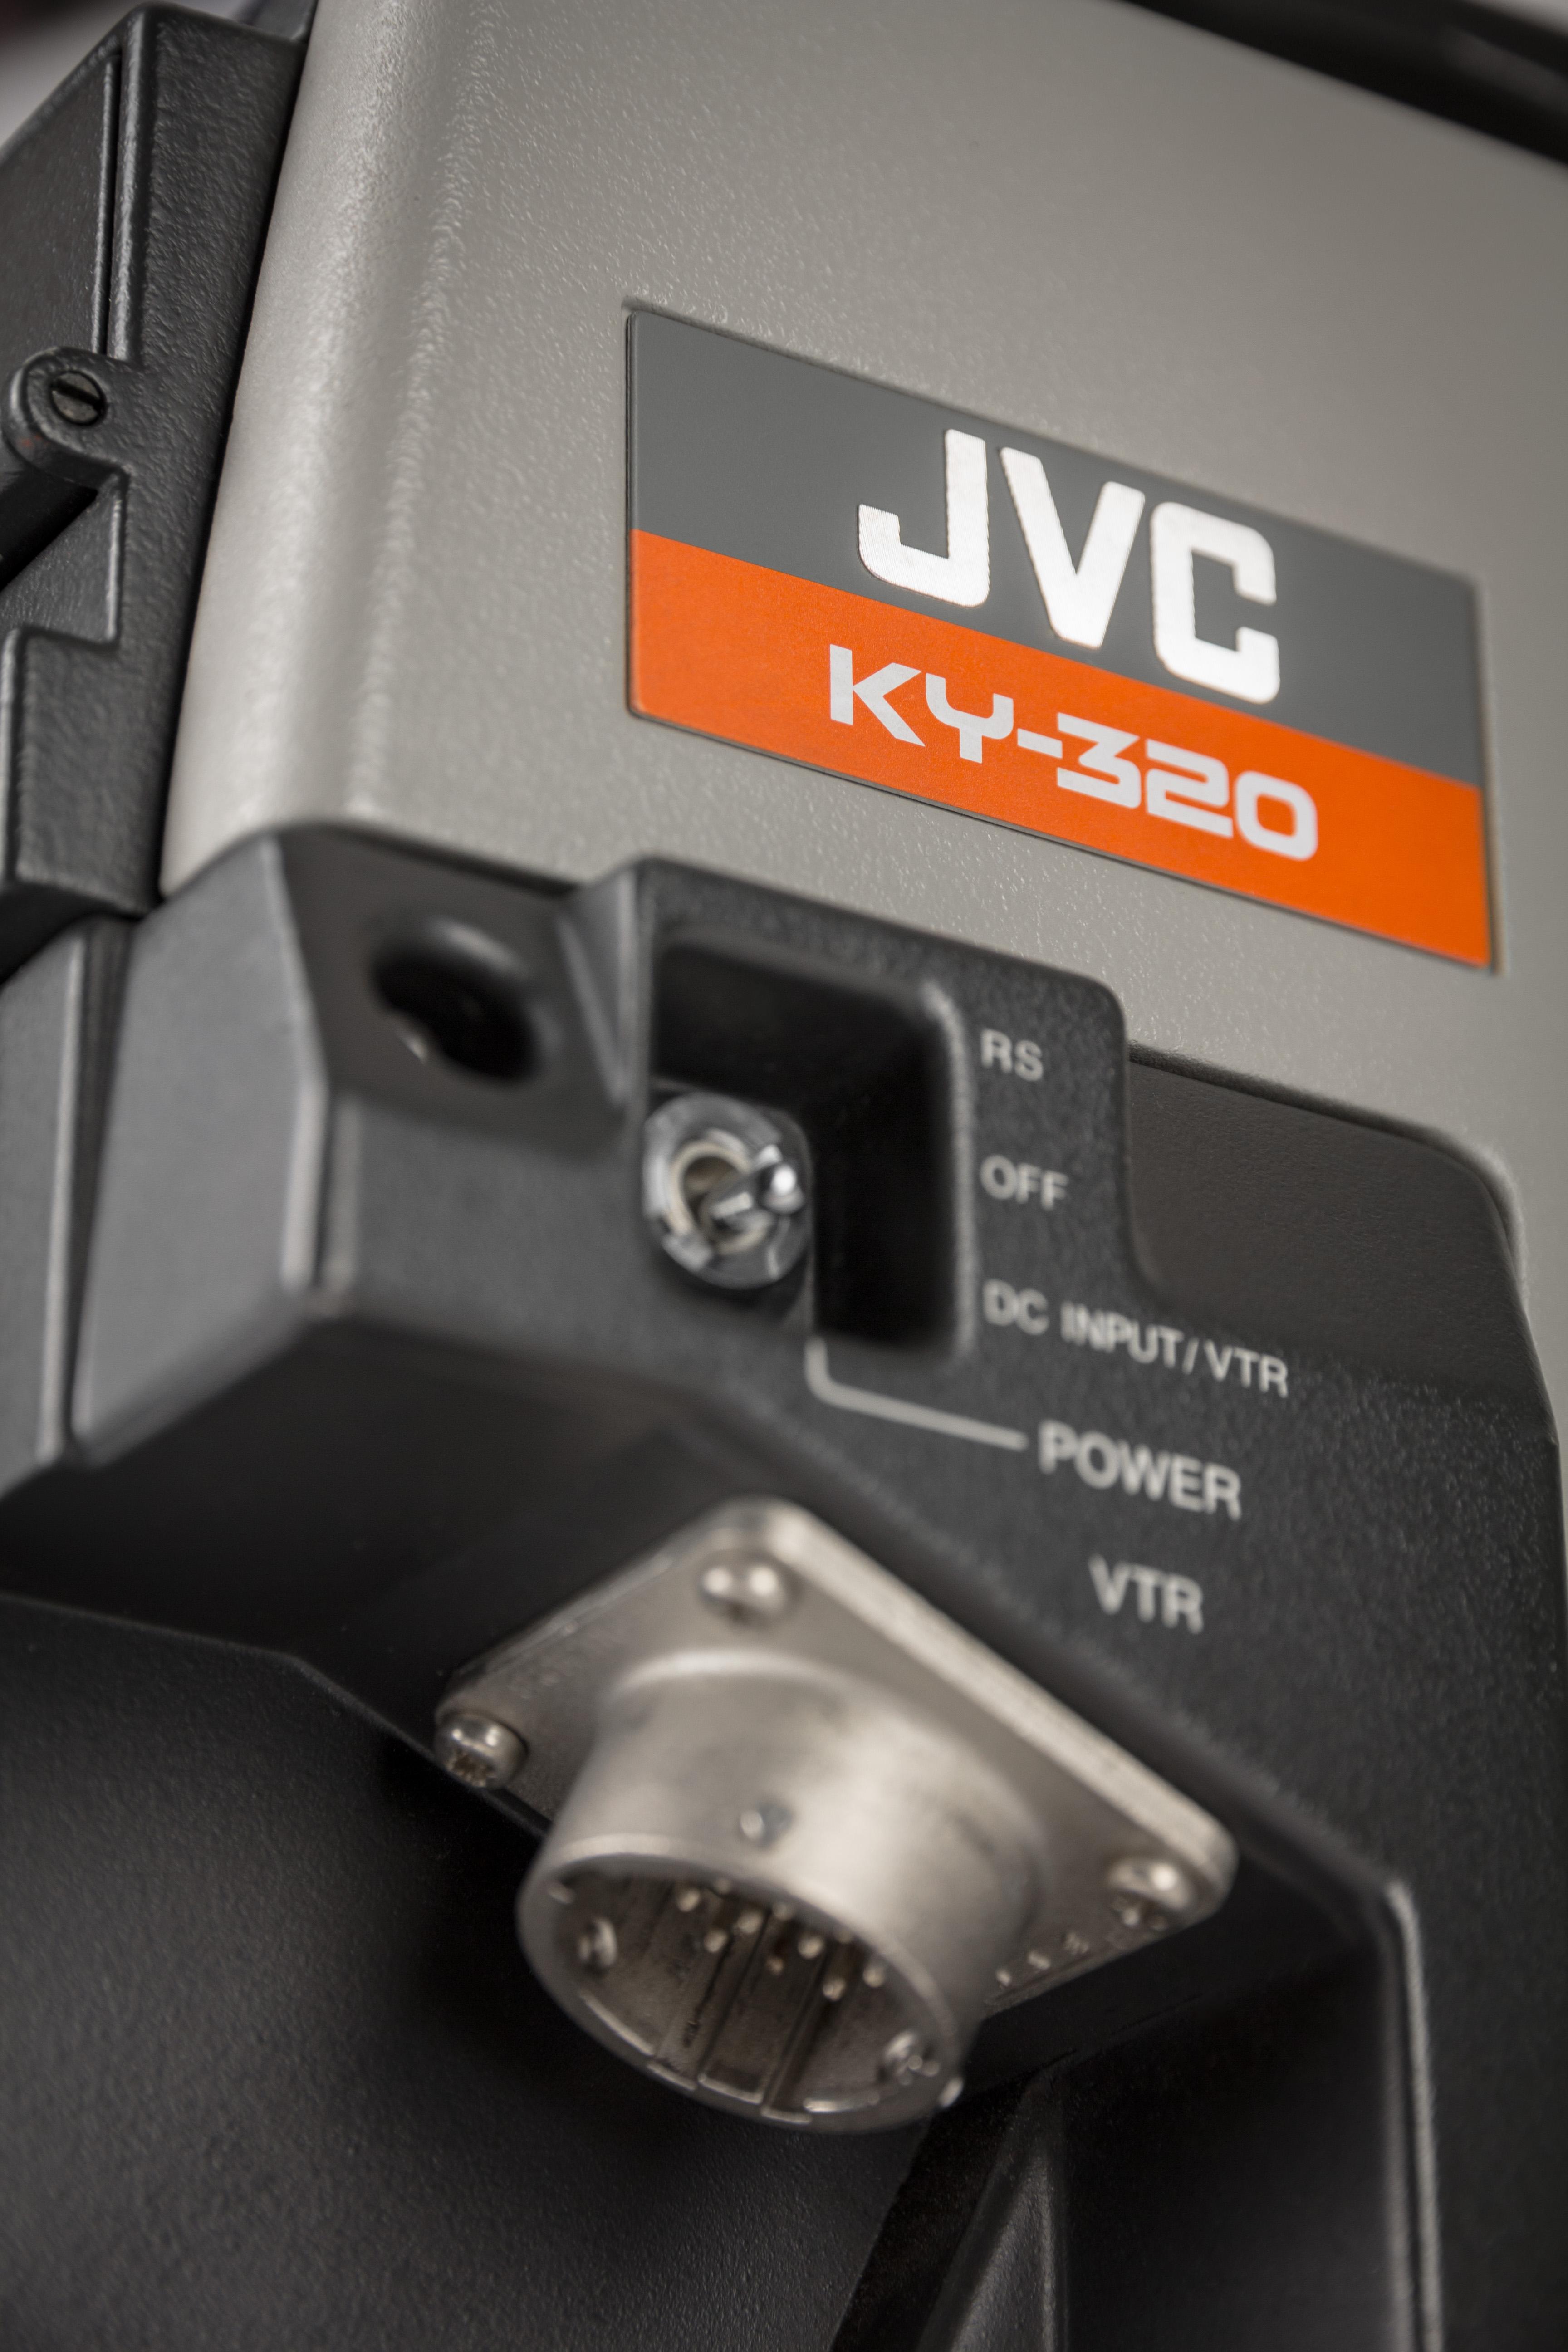 JVC KY-320E